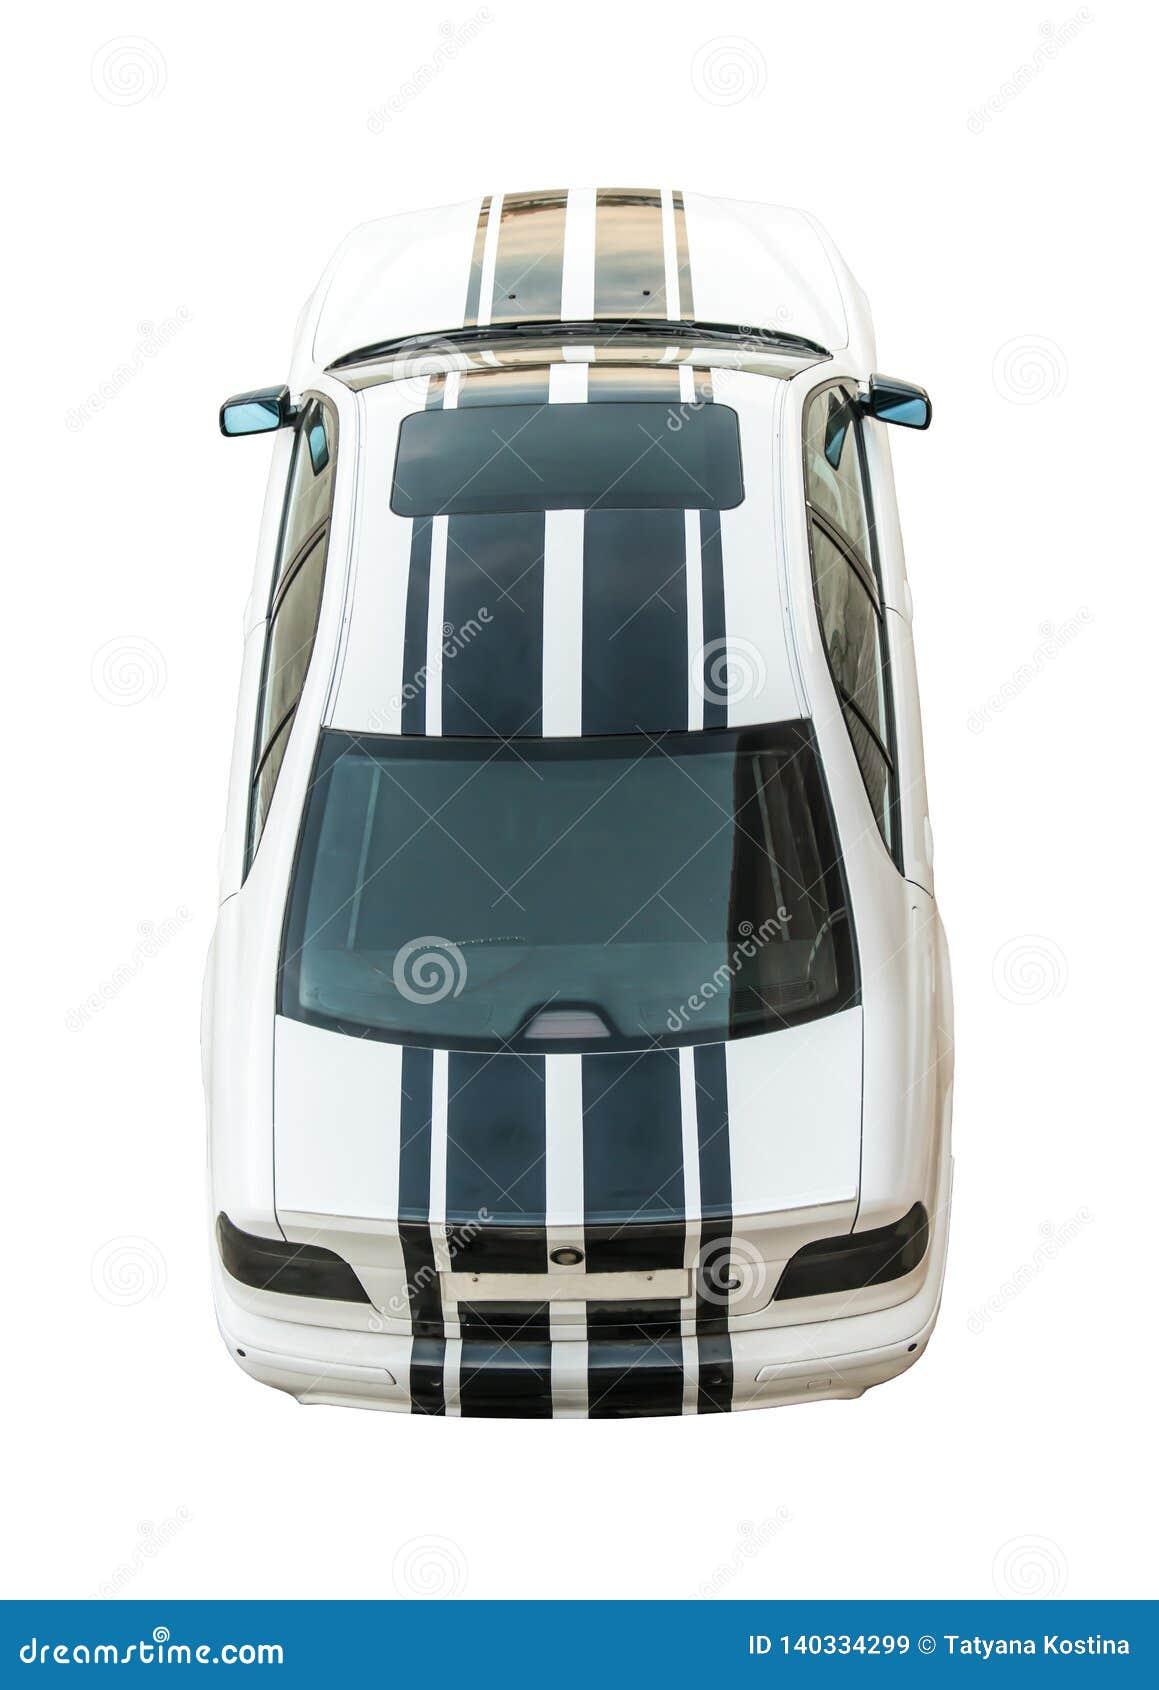 Modieuze, moderne, sportieve witte auto met zwarte verwijderde die strepen, op witte achtergrond worden geïsoleerd